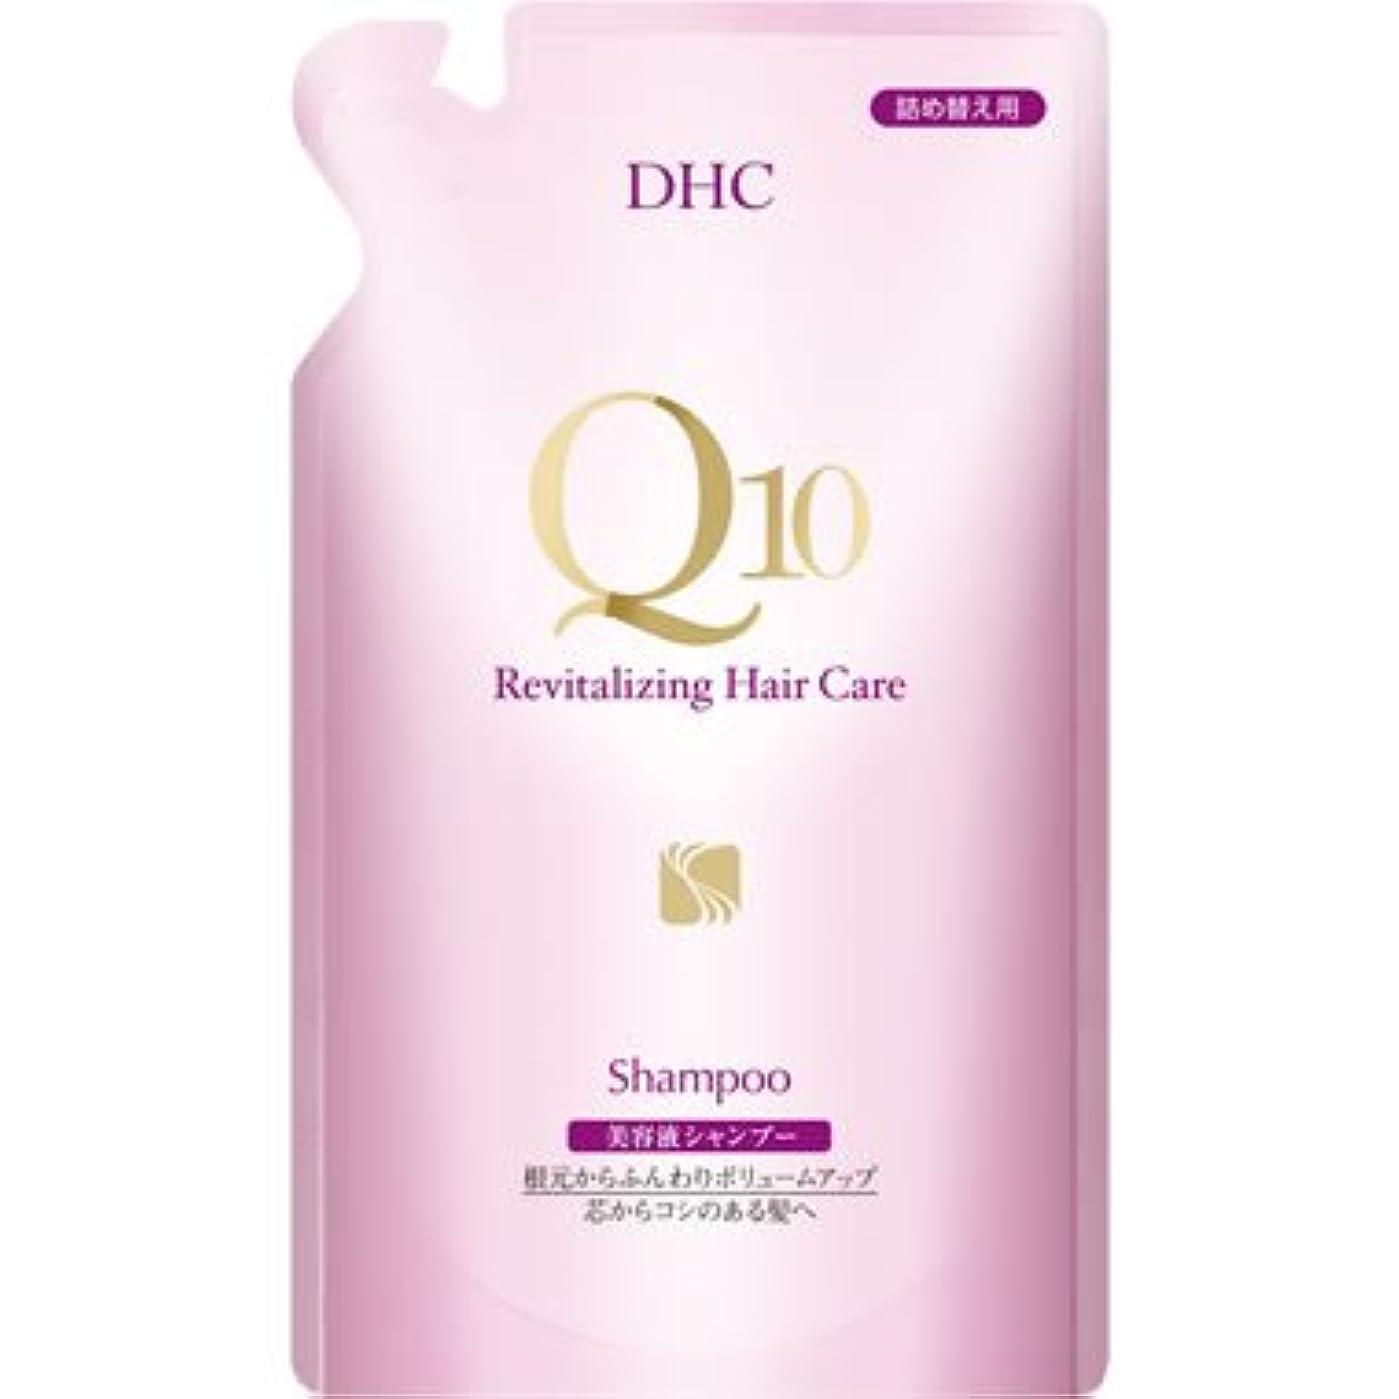 啓発する三角人物DHC Q10 美容液 シャンプー 400ml (詰め替え用)